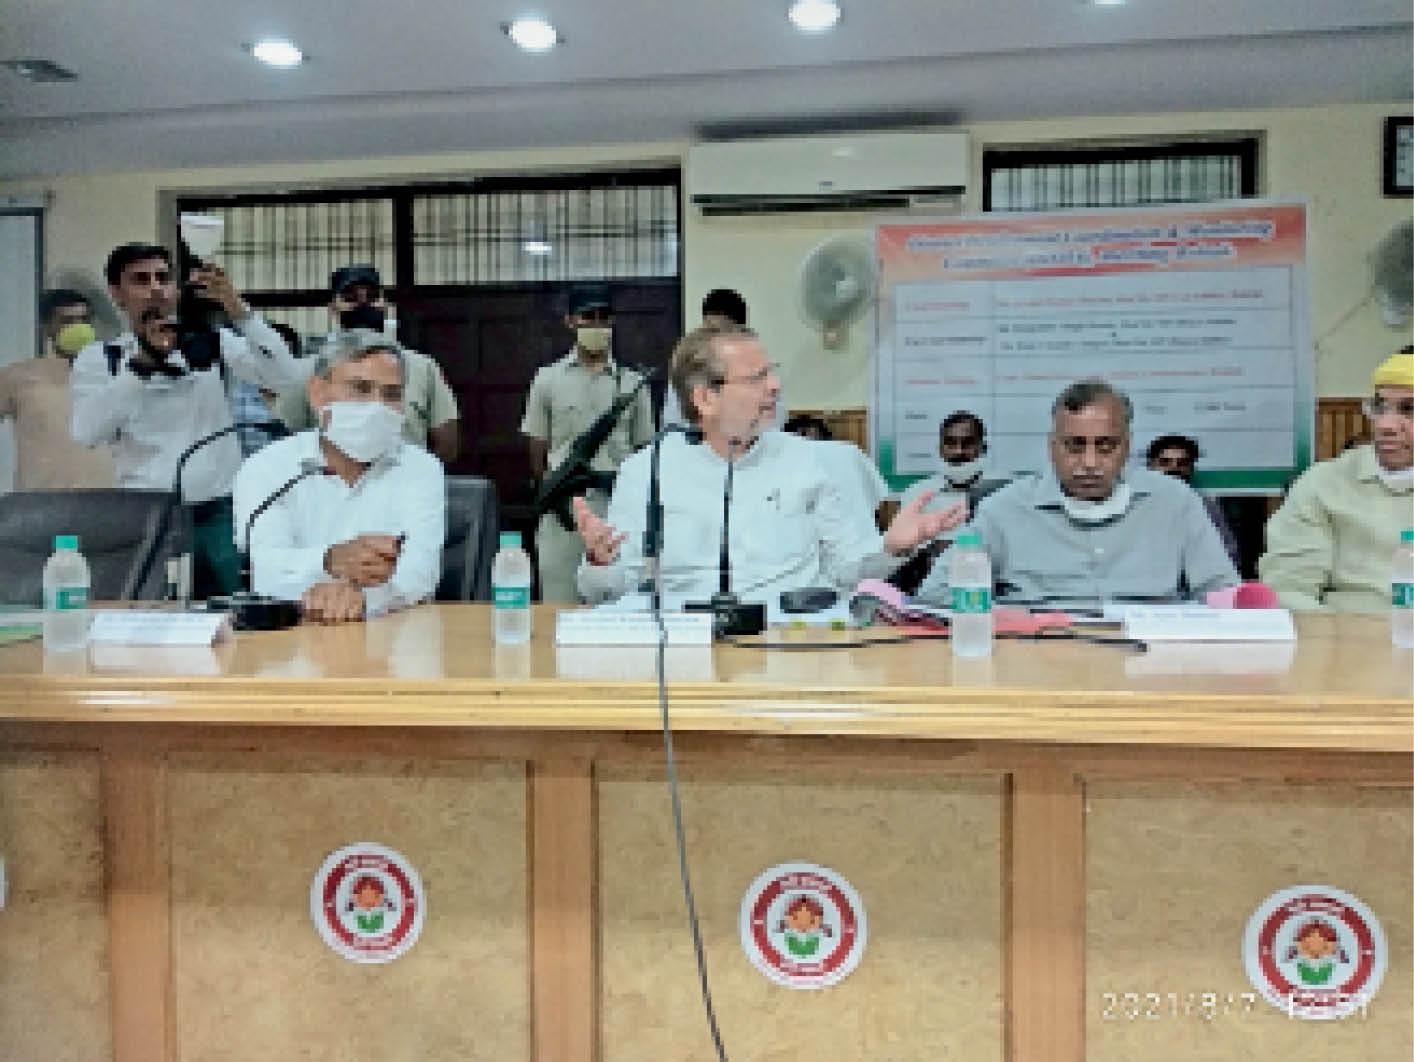 बैठक में अधिकारियों की अनुपस्थिति पर ऐतराज जताते सांसद डॉ. अरविंद शर्मा। - Dainik Bhaskar